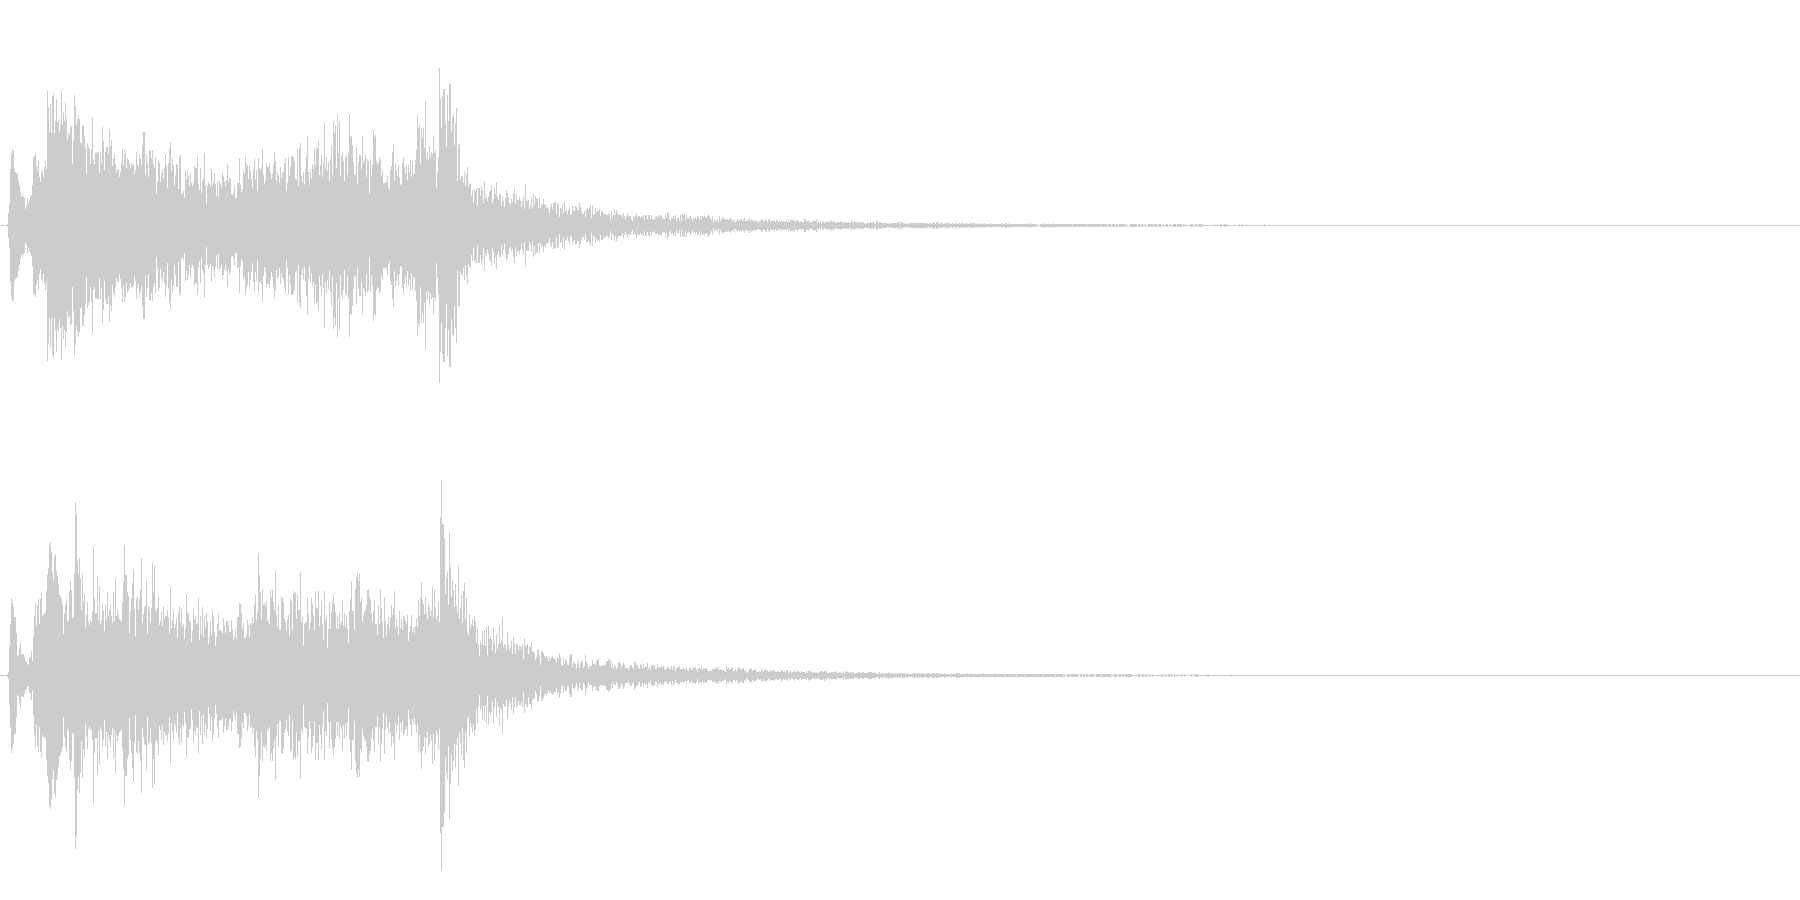 テレレレン…テレレレ…琴の代表的フレーズの未再生の波形